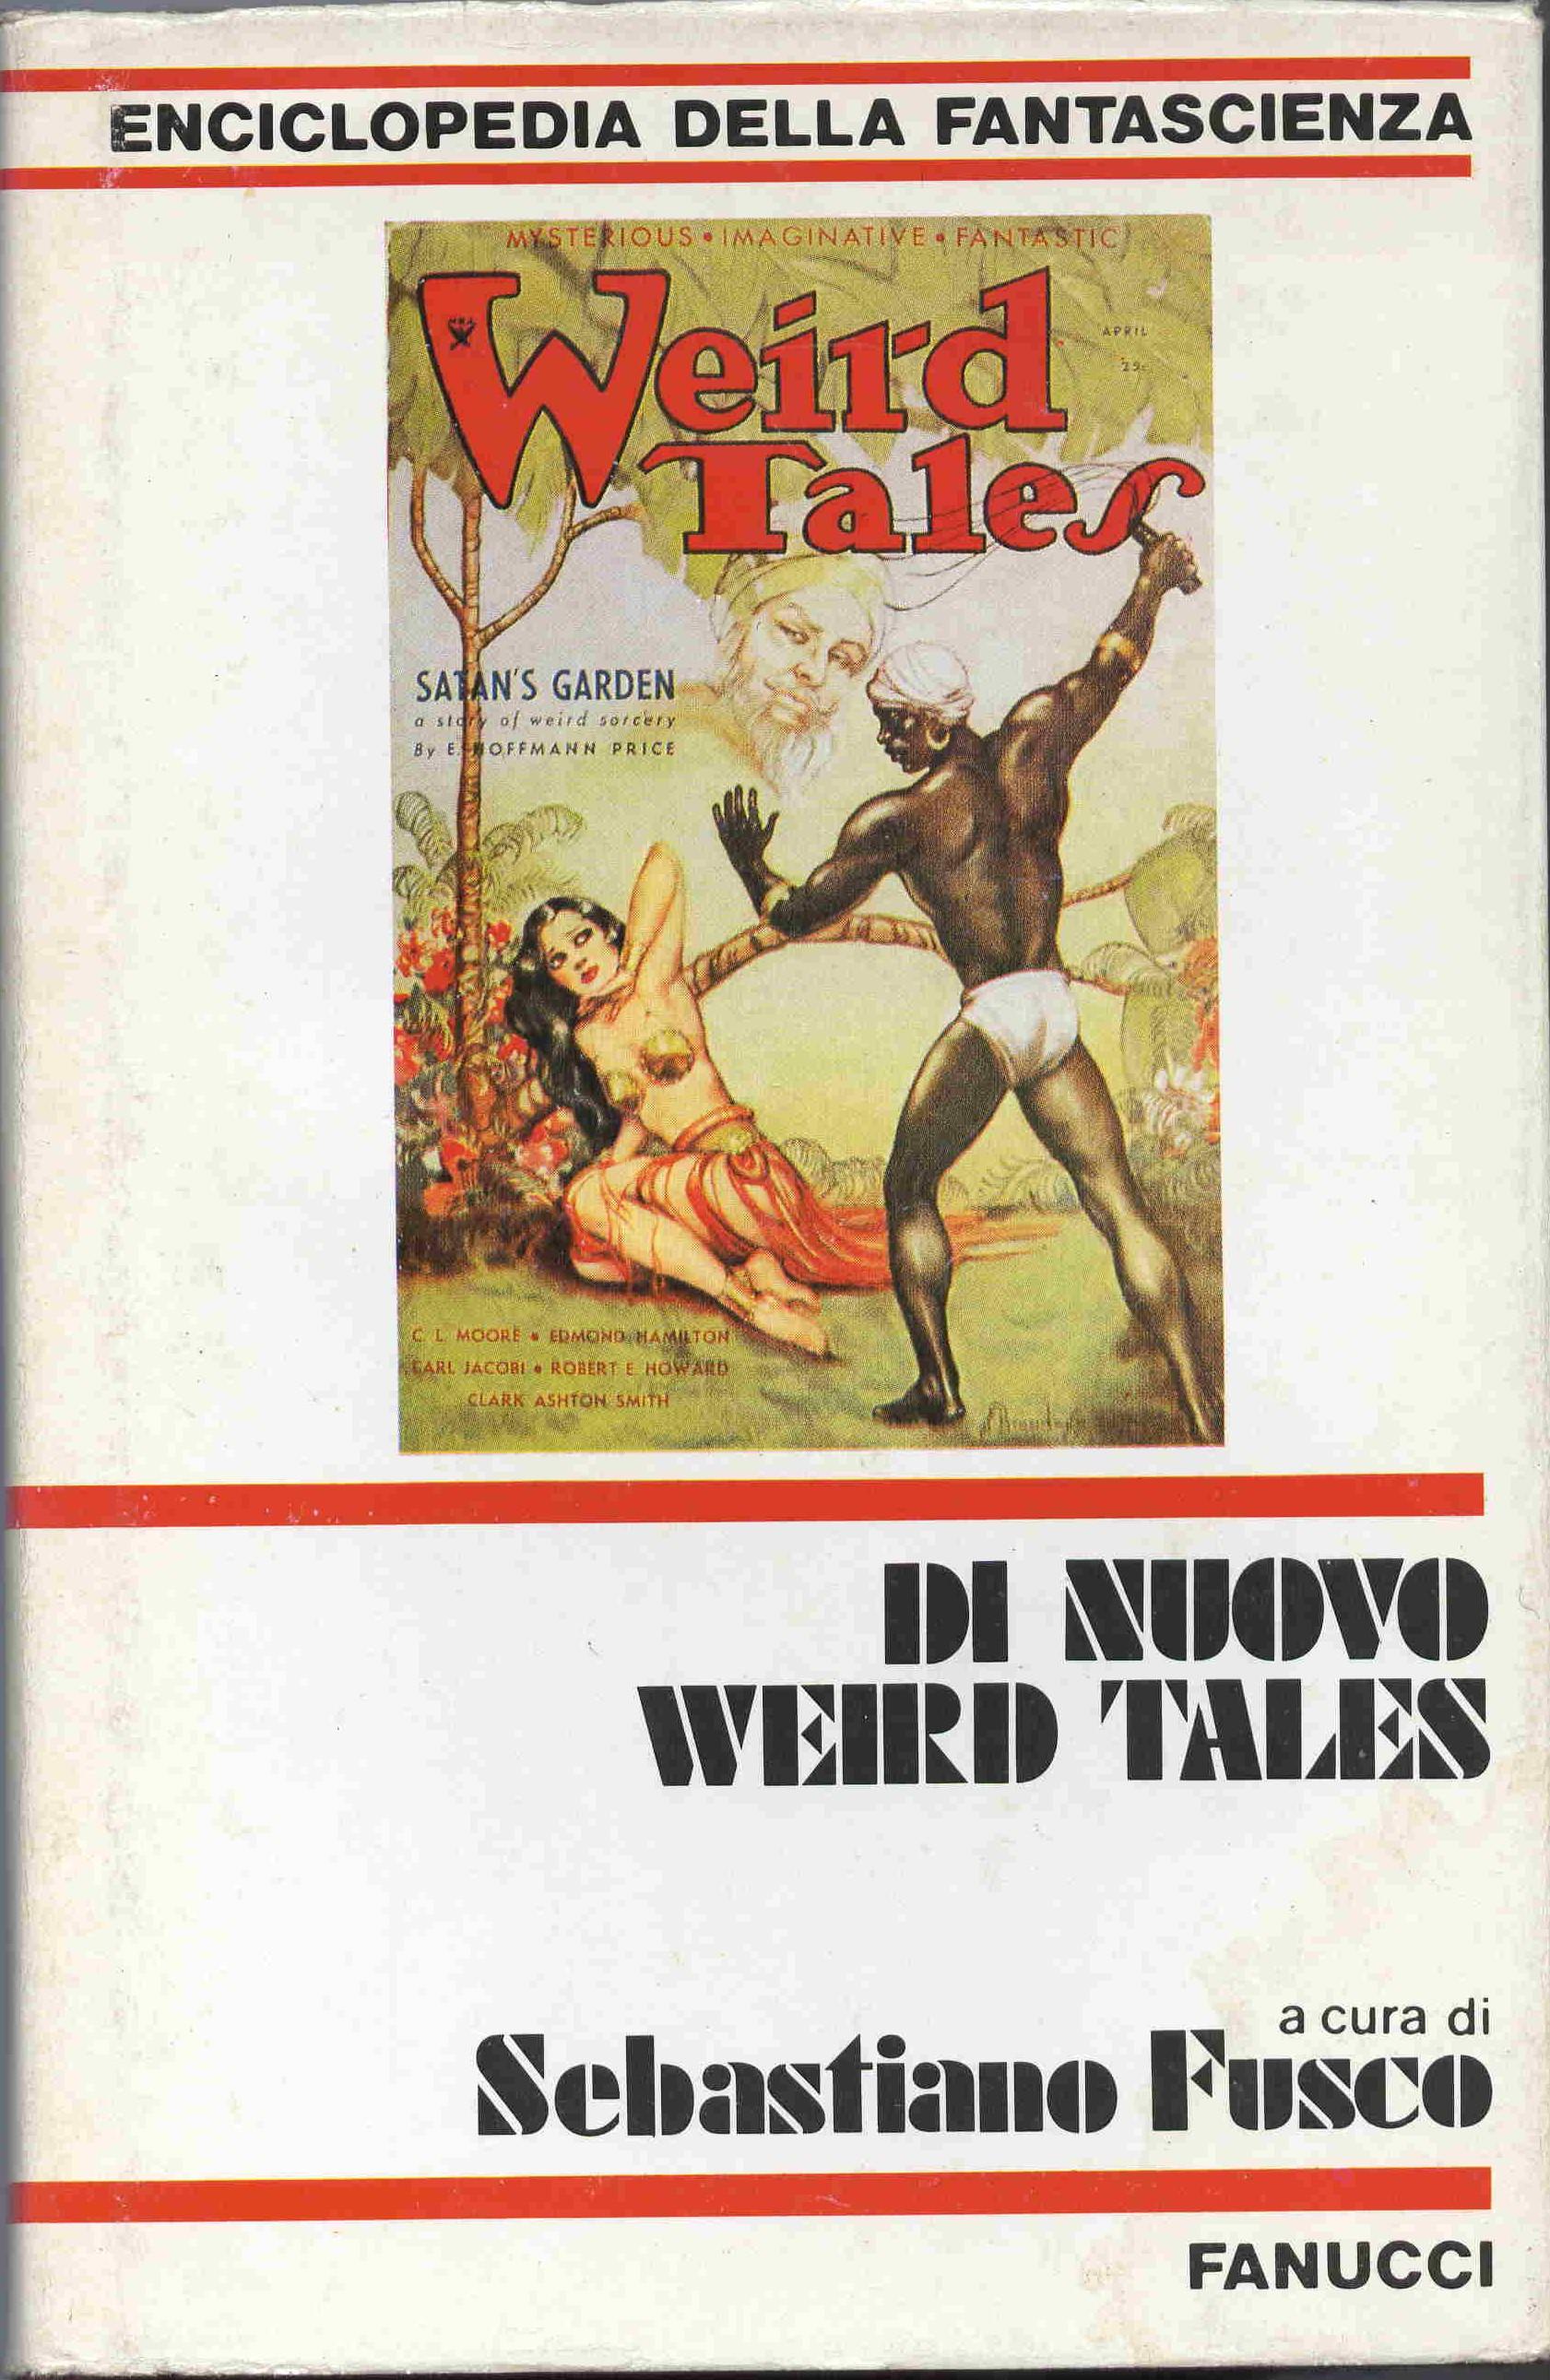 Di nuovo Weird Tales